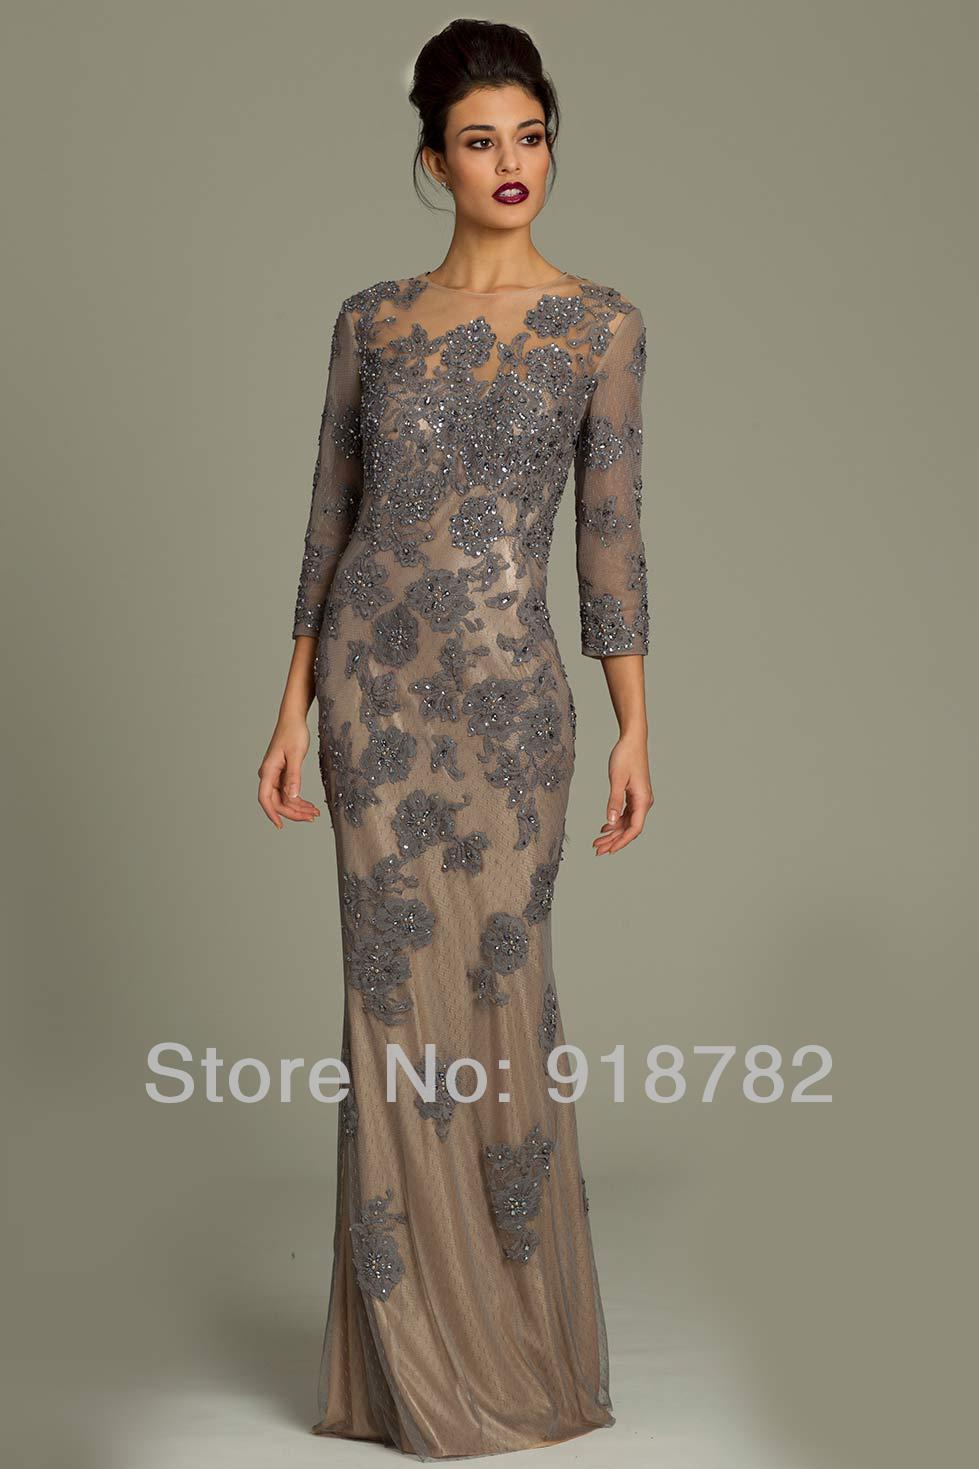 Elegant Party Dresses for Women